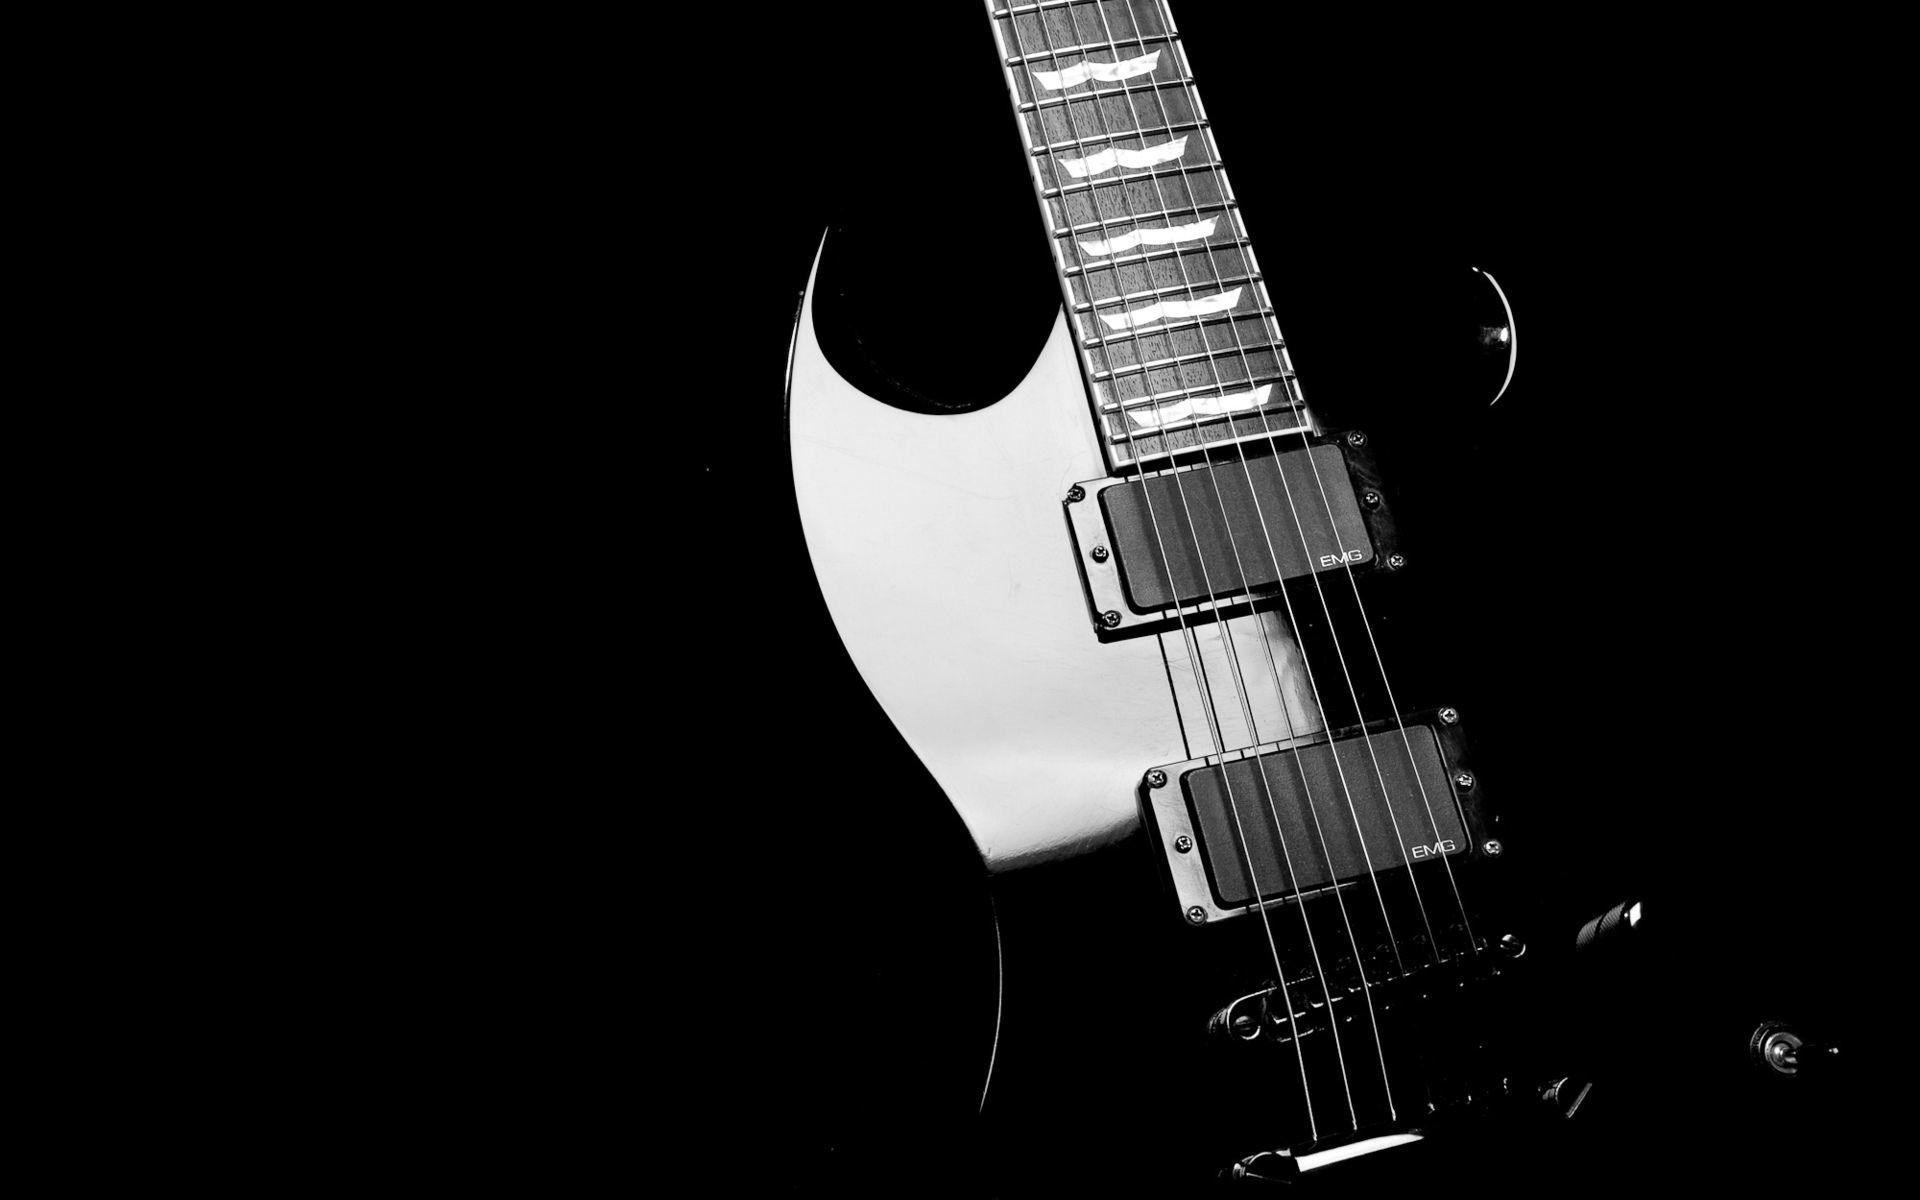 Hd Bass Guitar Wallpaper: 5 String Bass Guitar Wallpaper ·①